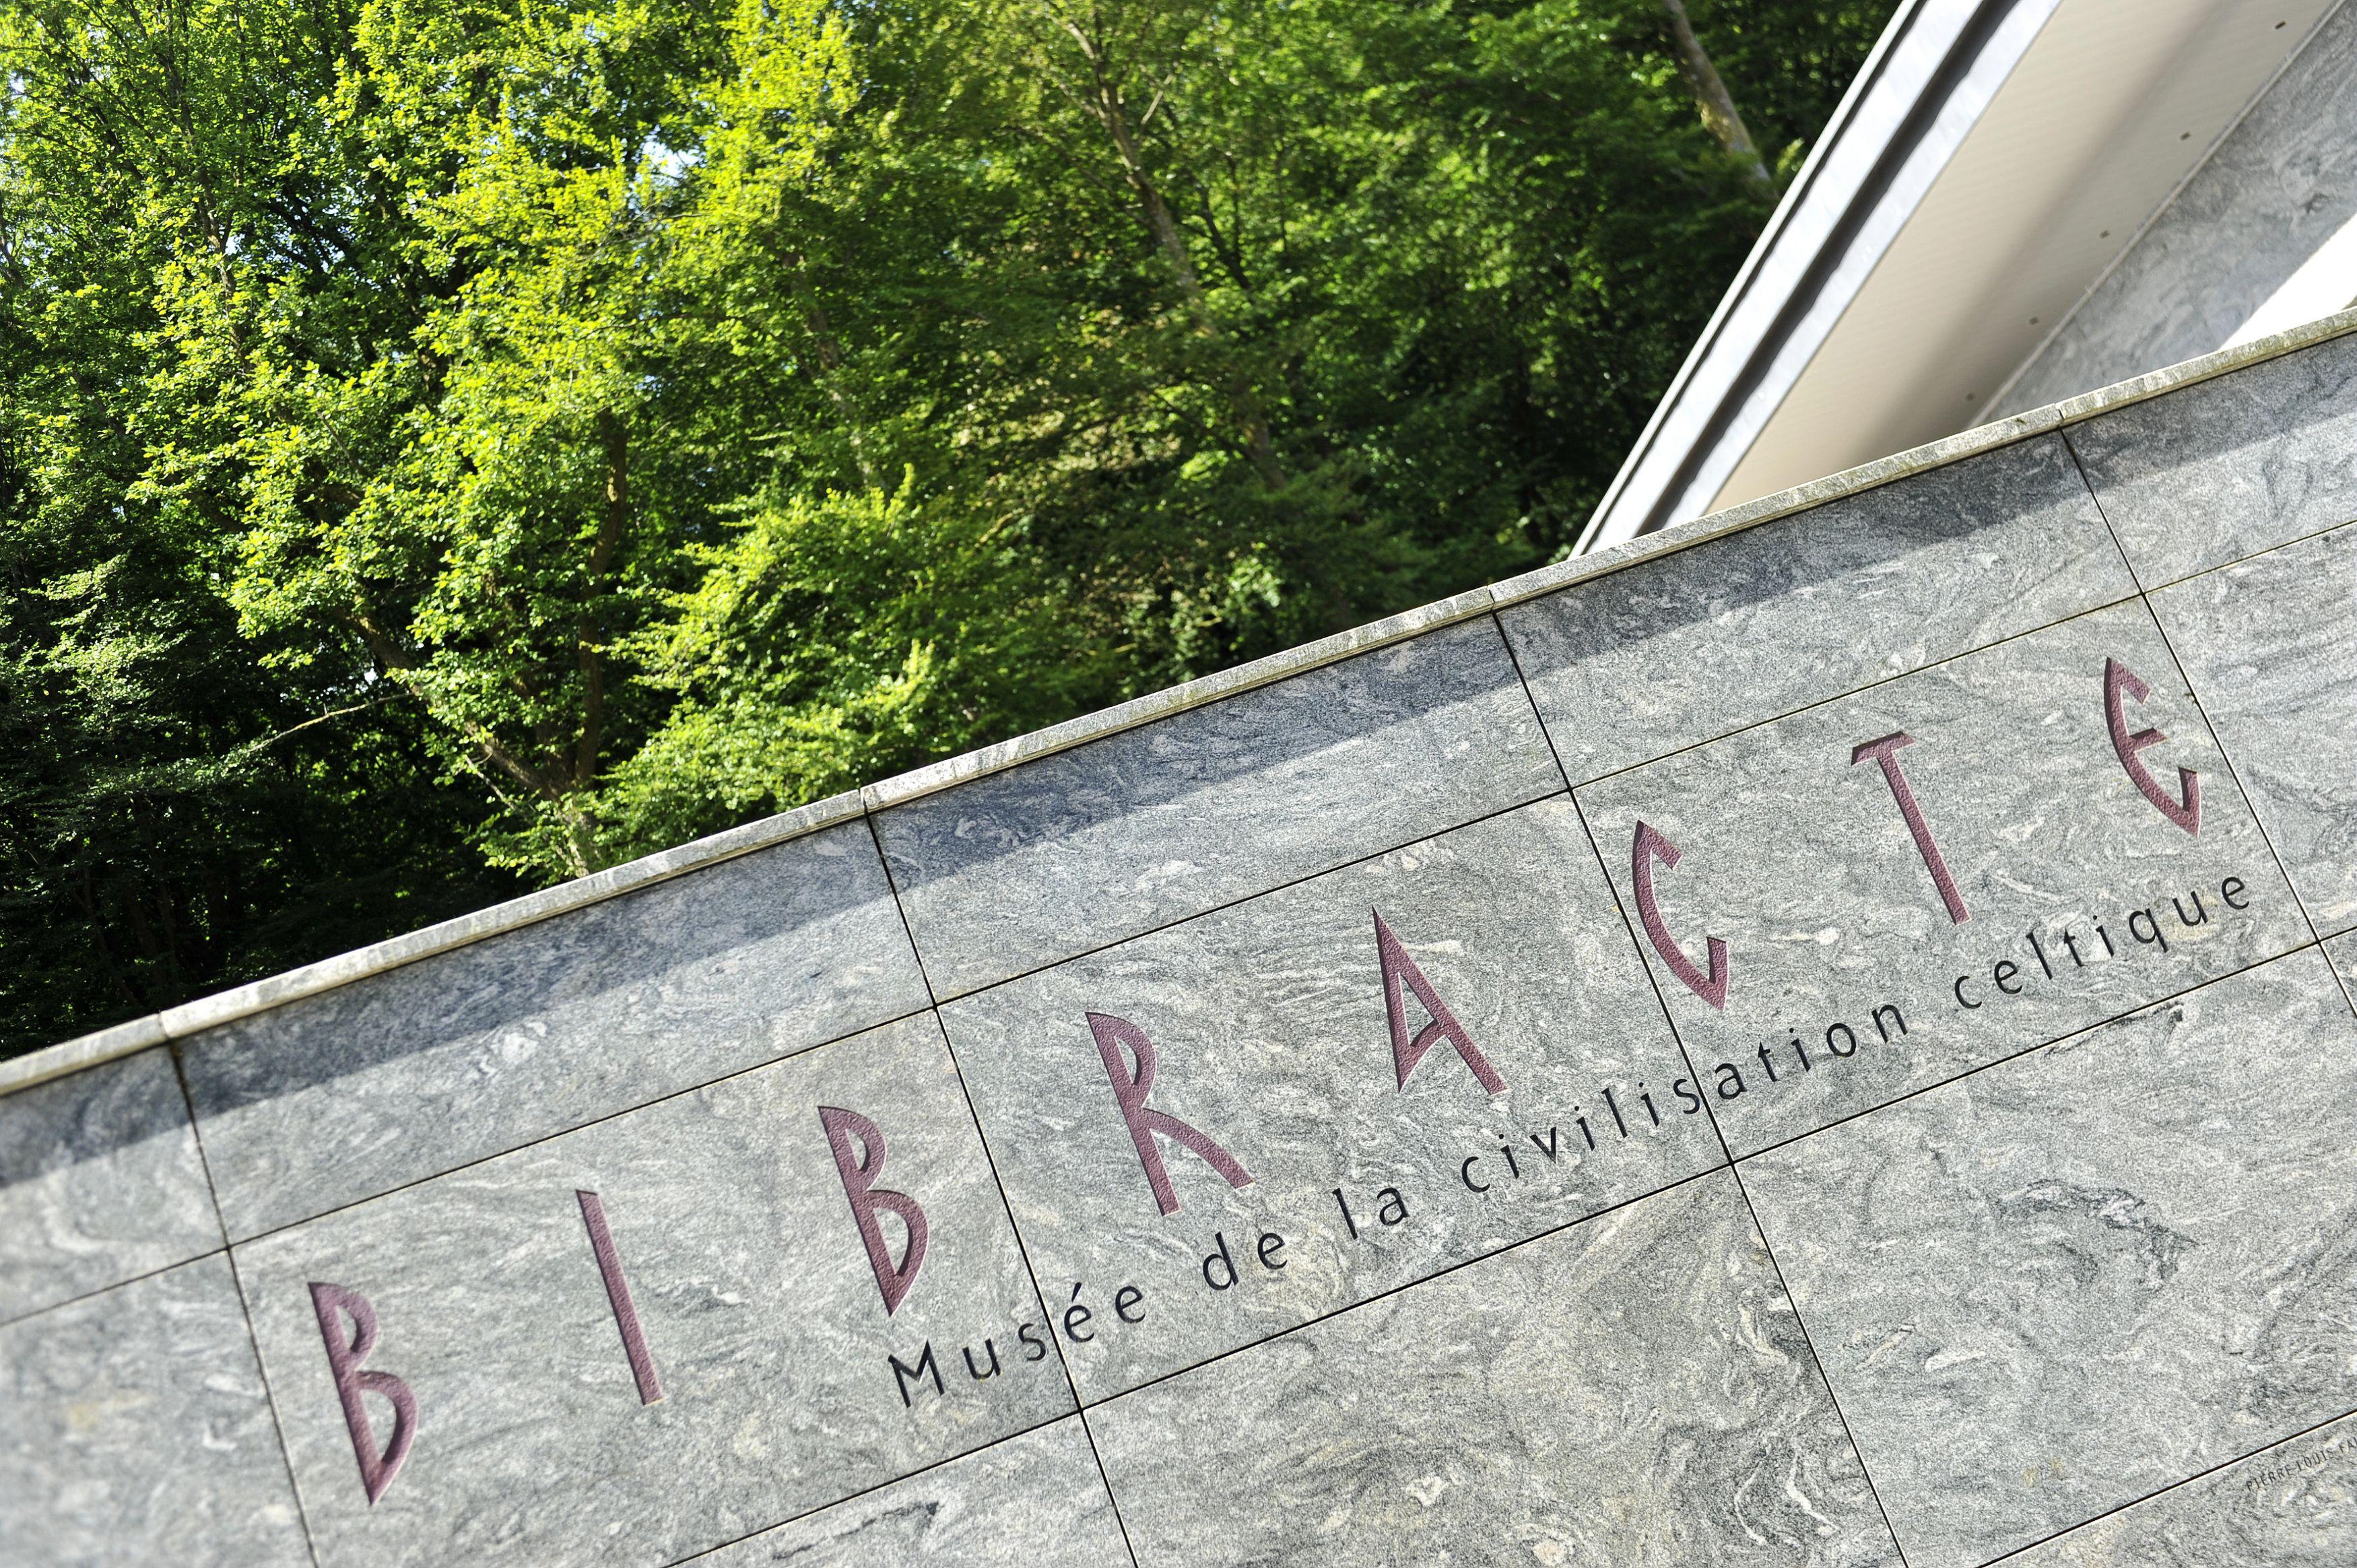 Musée Bibracte